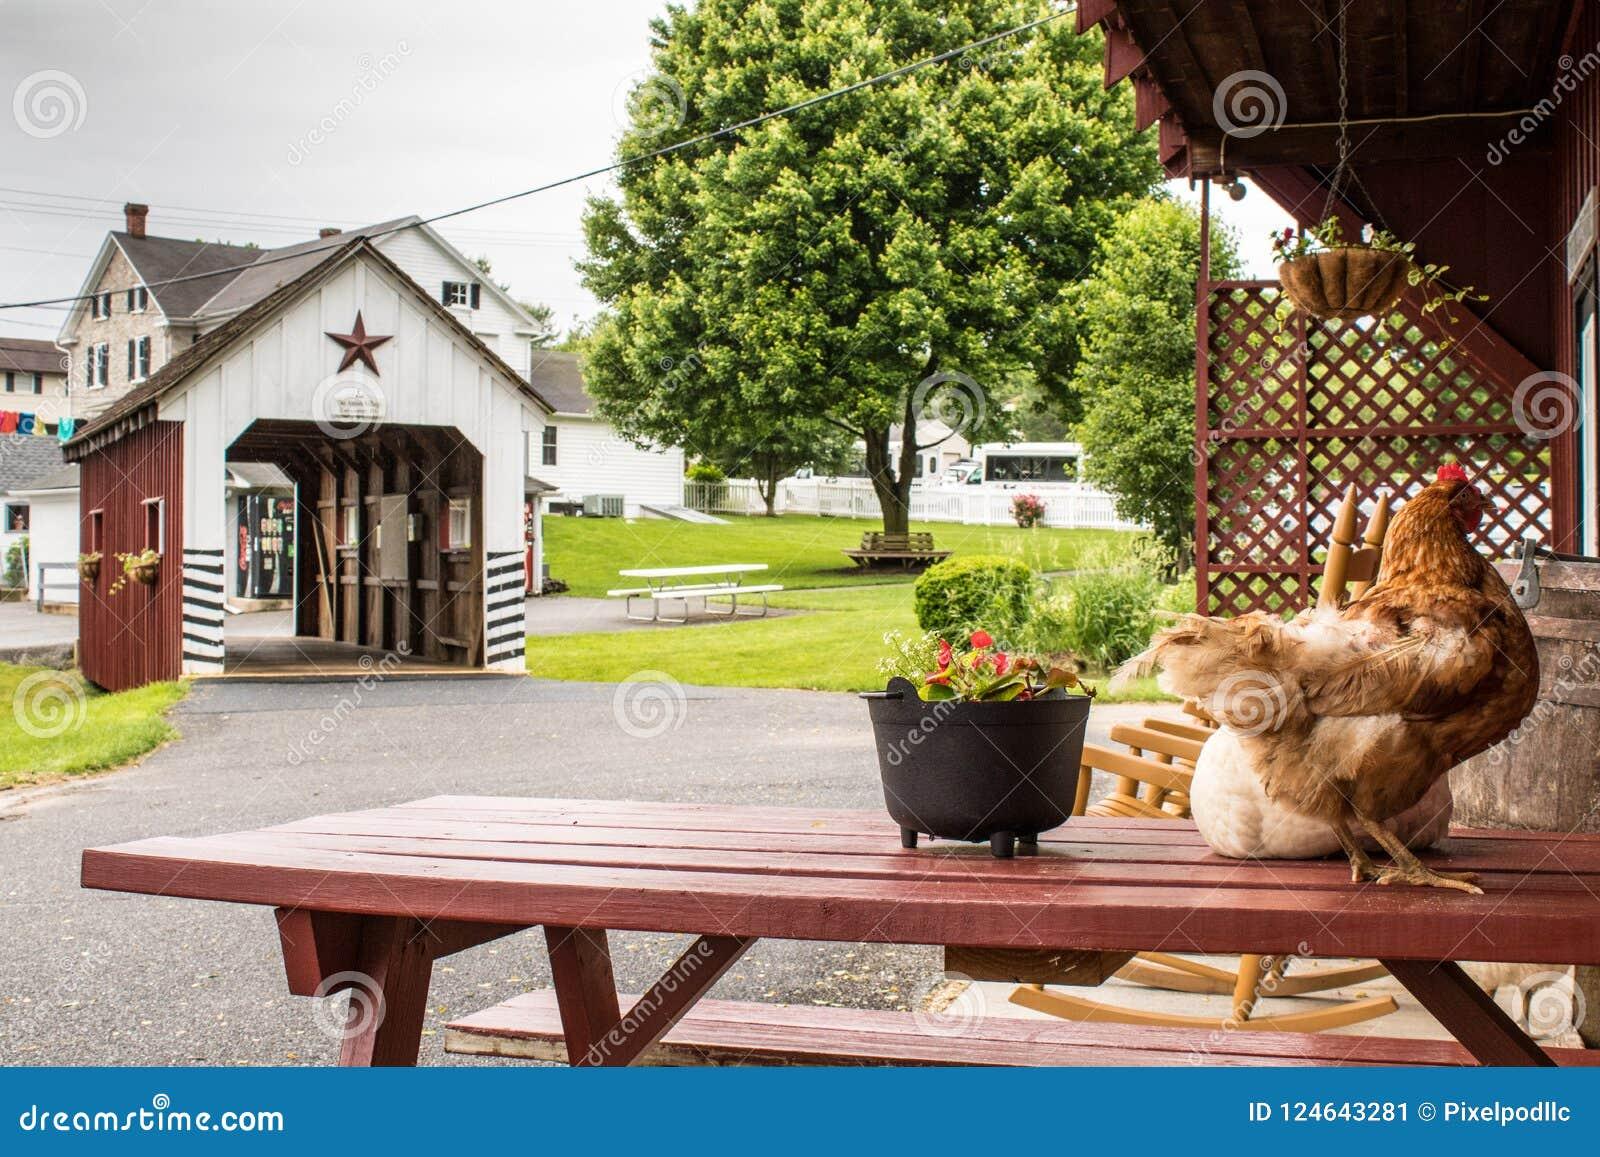 Przelotne spojrzenie tradycyjny styl życia w Amish wiosce, Pennsylwania